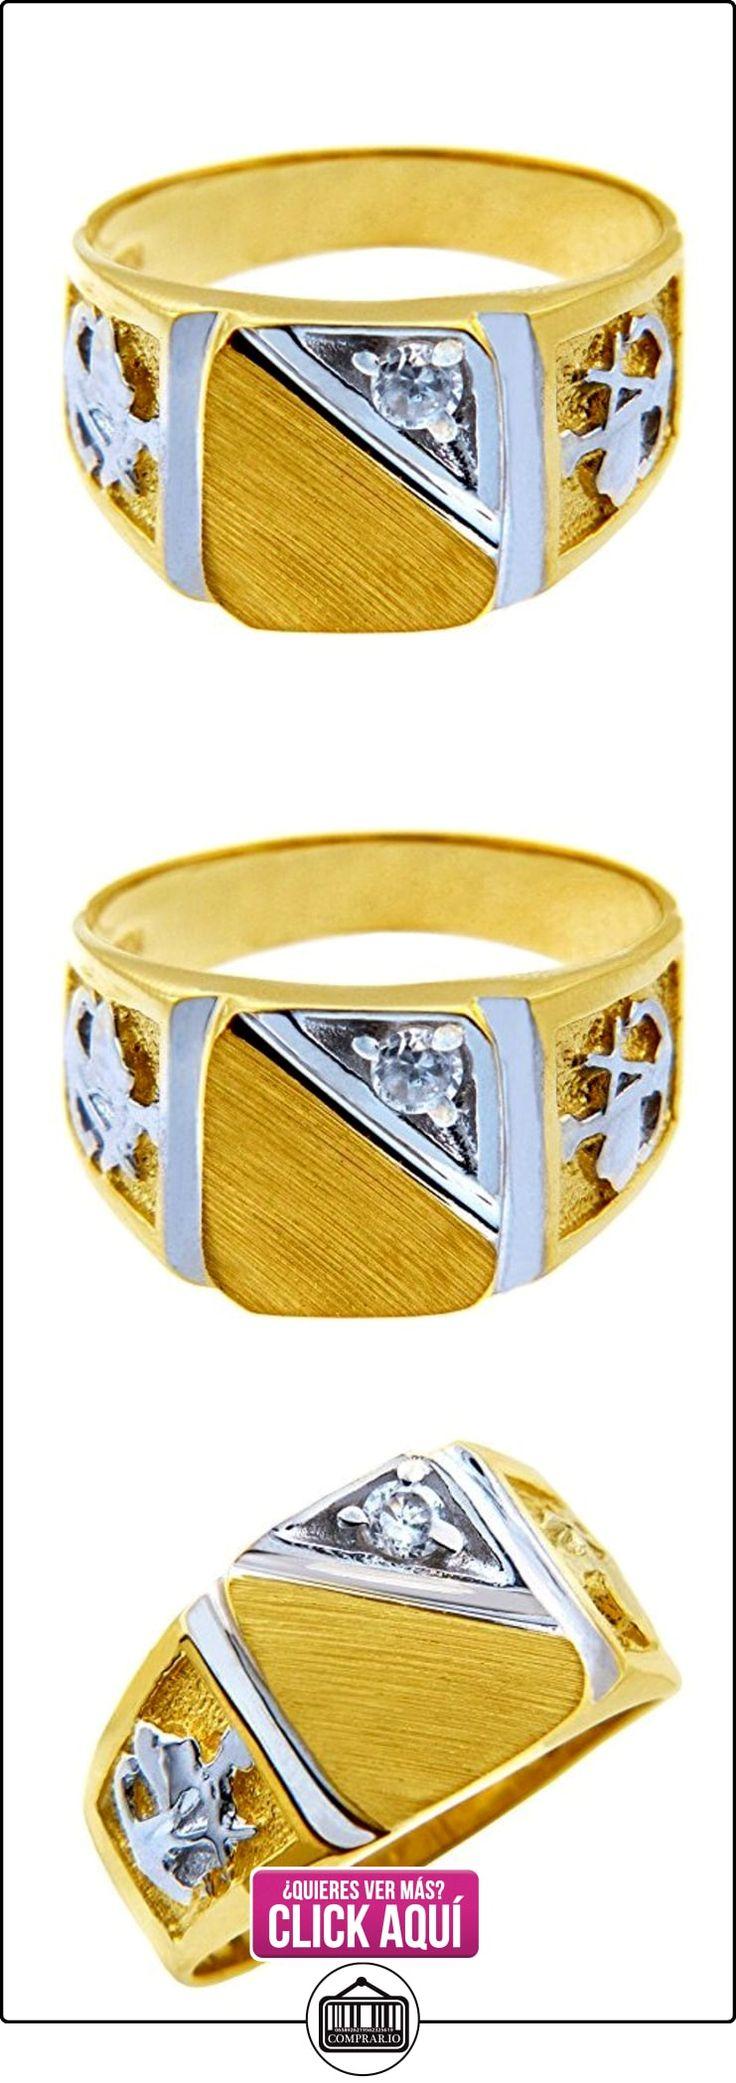 Pequeños Tesoros - Anillos Hombres Alianza De Boda 10 Kt Oro 471/1000 Sortija De sello Circonio Cúbico  ✿ Joyas para hombres especiales - lujo ✿ ▬► Ver oferta: http://comprar.io/goto/B01277QHA0